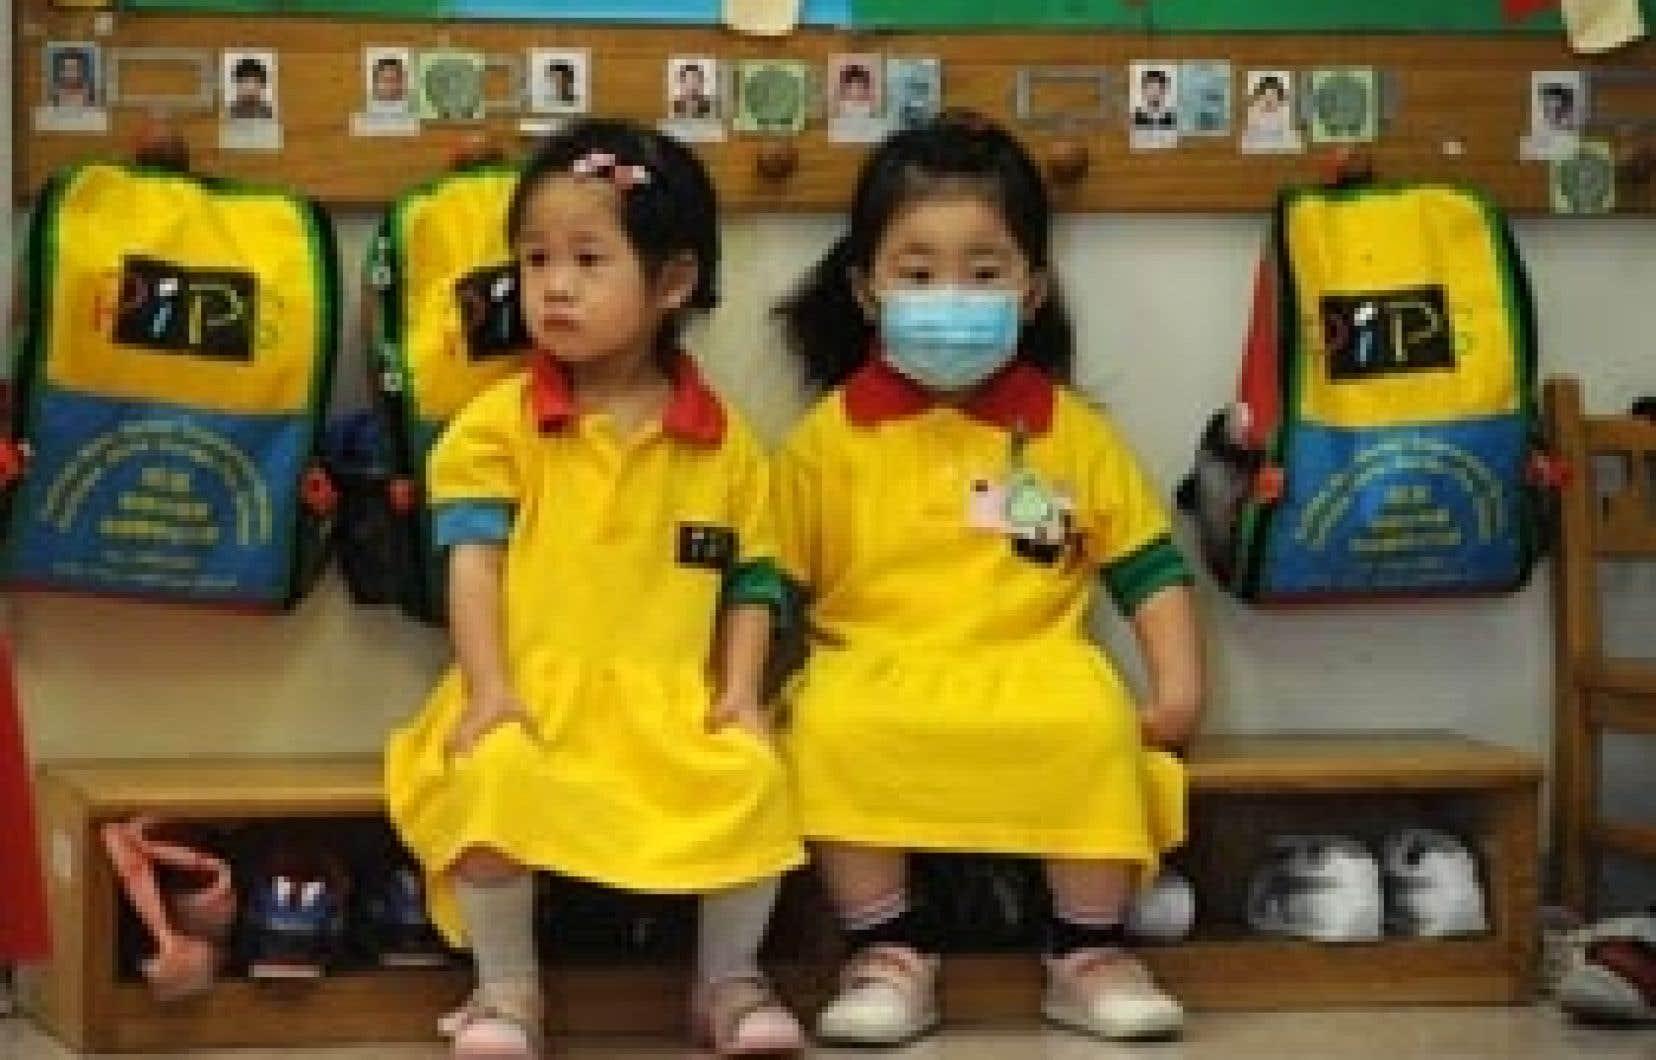 mike clarke afp Deux petites Chinoises, l'une portant un masque, l'autre pas, dans une garderie de Hong Kong. Les autorités ont fermé hier et pour une période de deux semaines toutes les écoles primaires pour éviter la propagation du virus de l